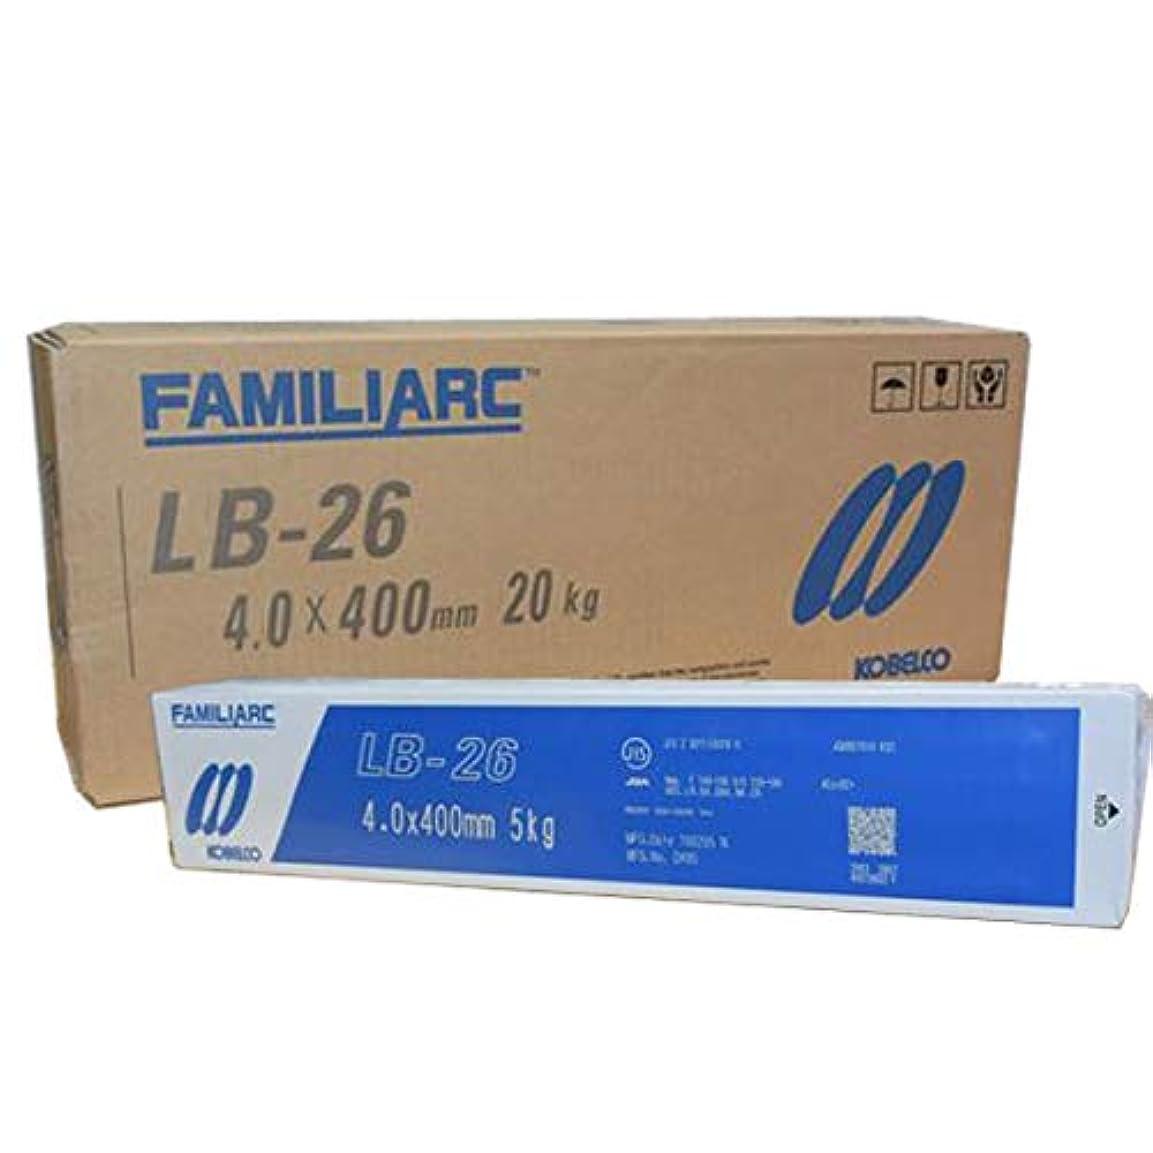 肥料アナニバー反論神戸製鋼 溶接棒 LB-26 4.0Φ 20Kg 1箱(5kg X 4箱入り)【LB26】写真は代表画像になります。ご了承下さい。